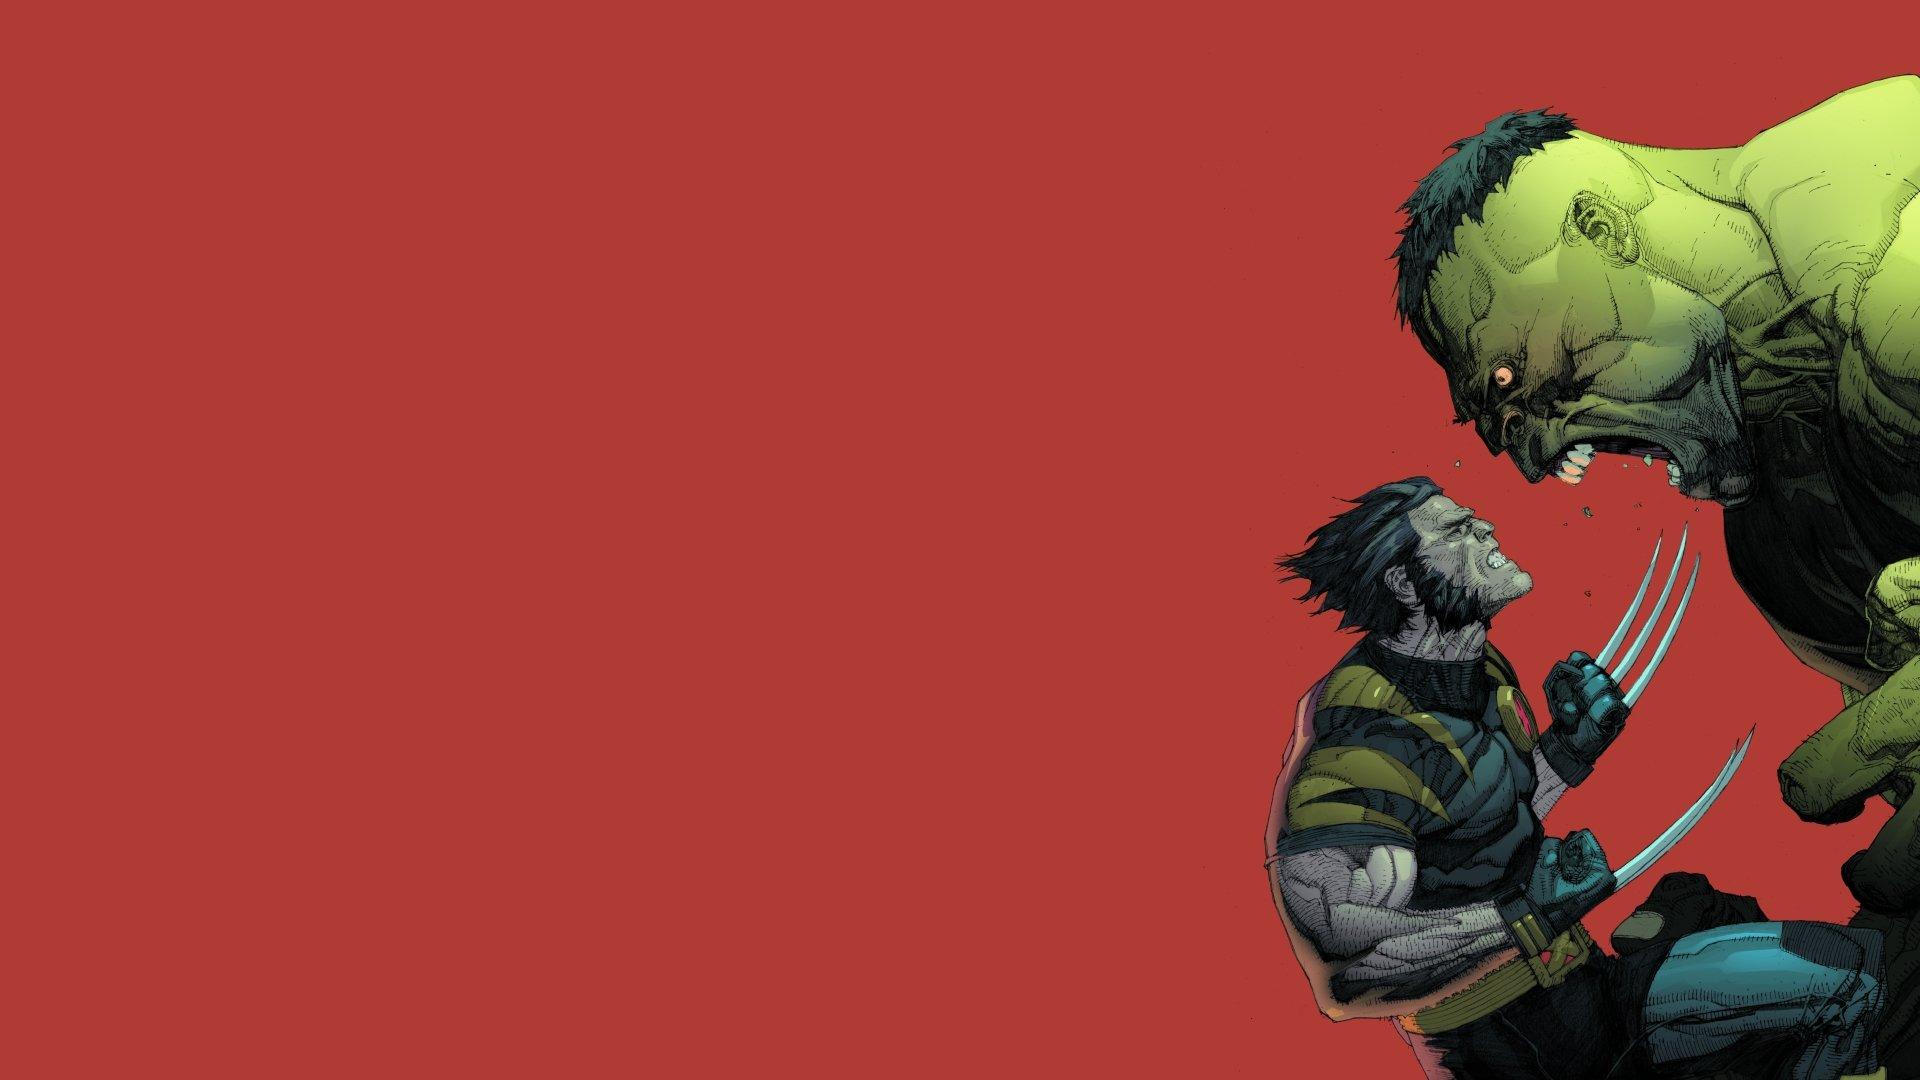 漫画 - 金刚狼  绿巨人 壁纸